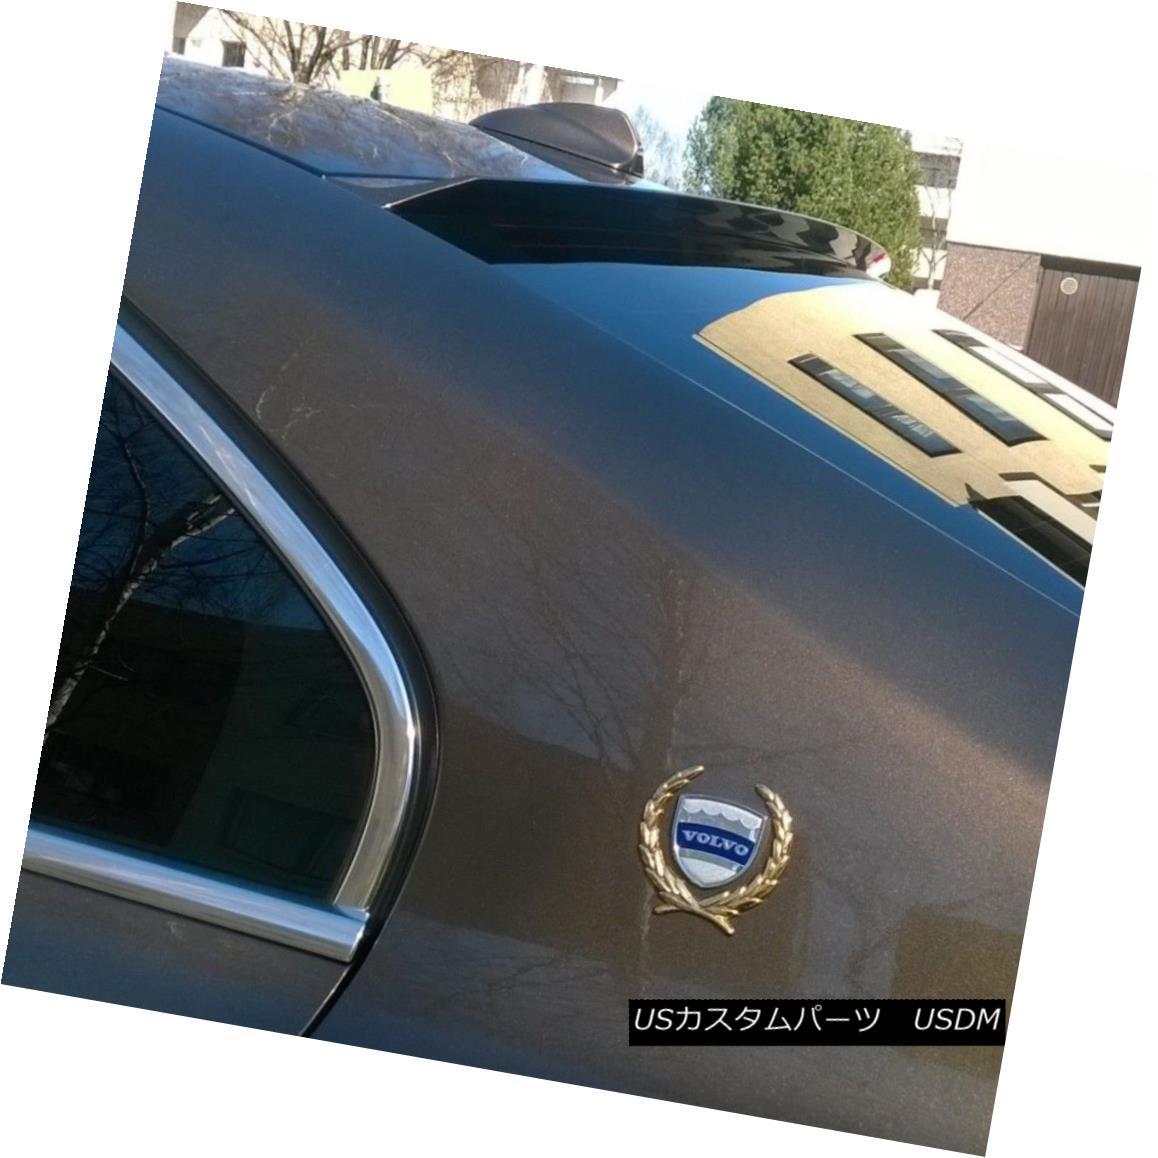 エアロパーツ Painted L Style Rear Window Roof Spoiler Wing For Acura TL 2009~2014 Sedan ? Acura TL 2009?2014 SedanのためのL字型のリアウィンドウルーフスポイラーウイングを塗装しましたか?